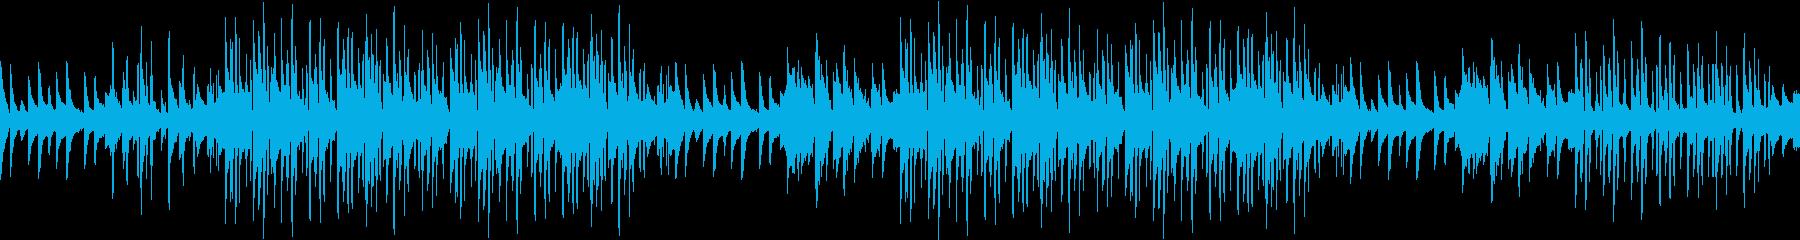 エンディング・感動・ピアノ・青春・ループの再生済みの波形